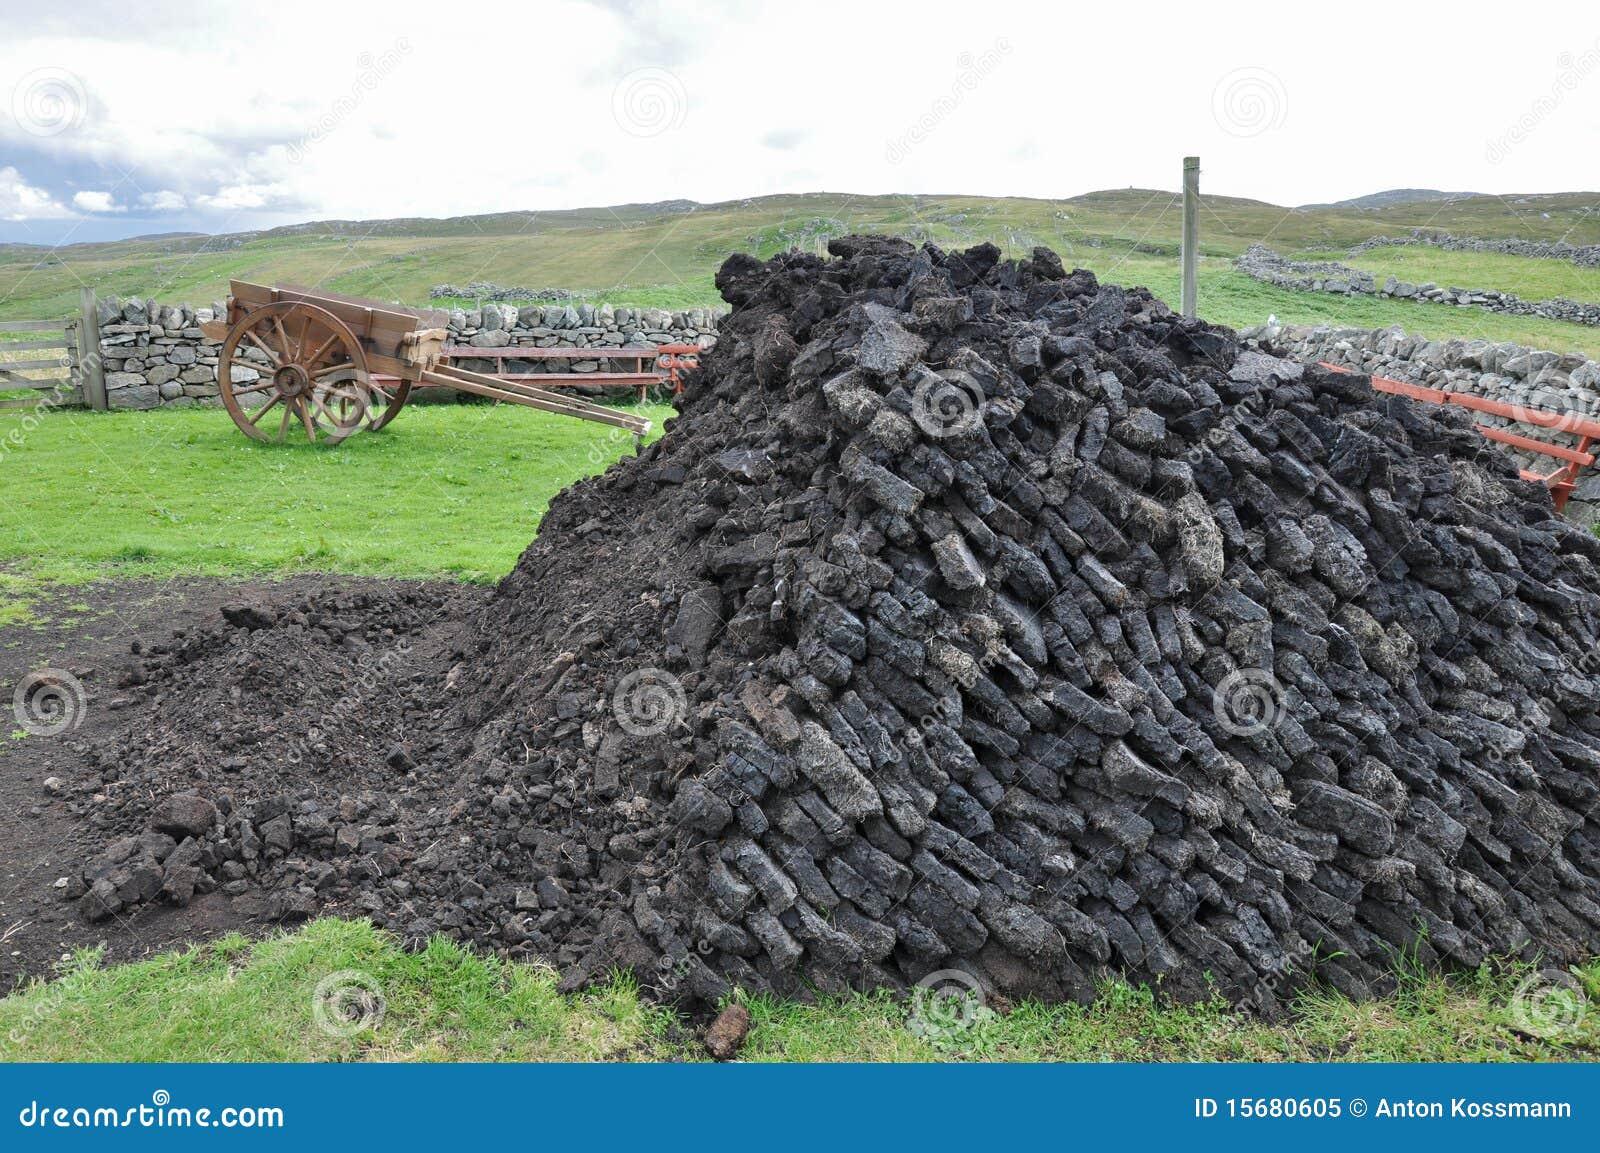 梦见泥煤是什么意思